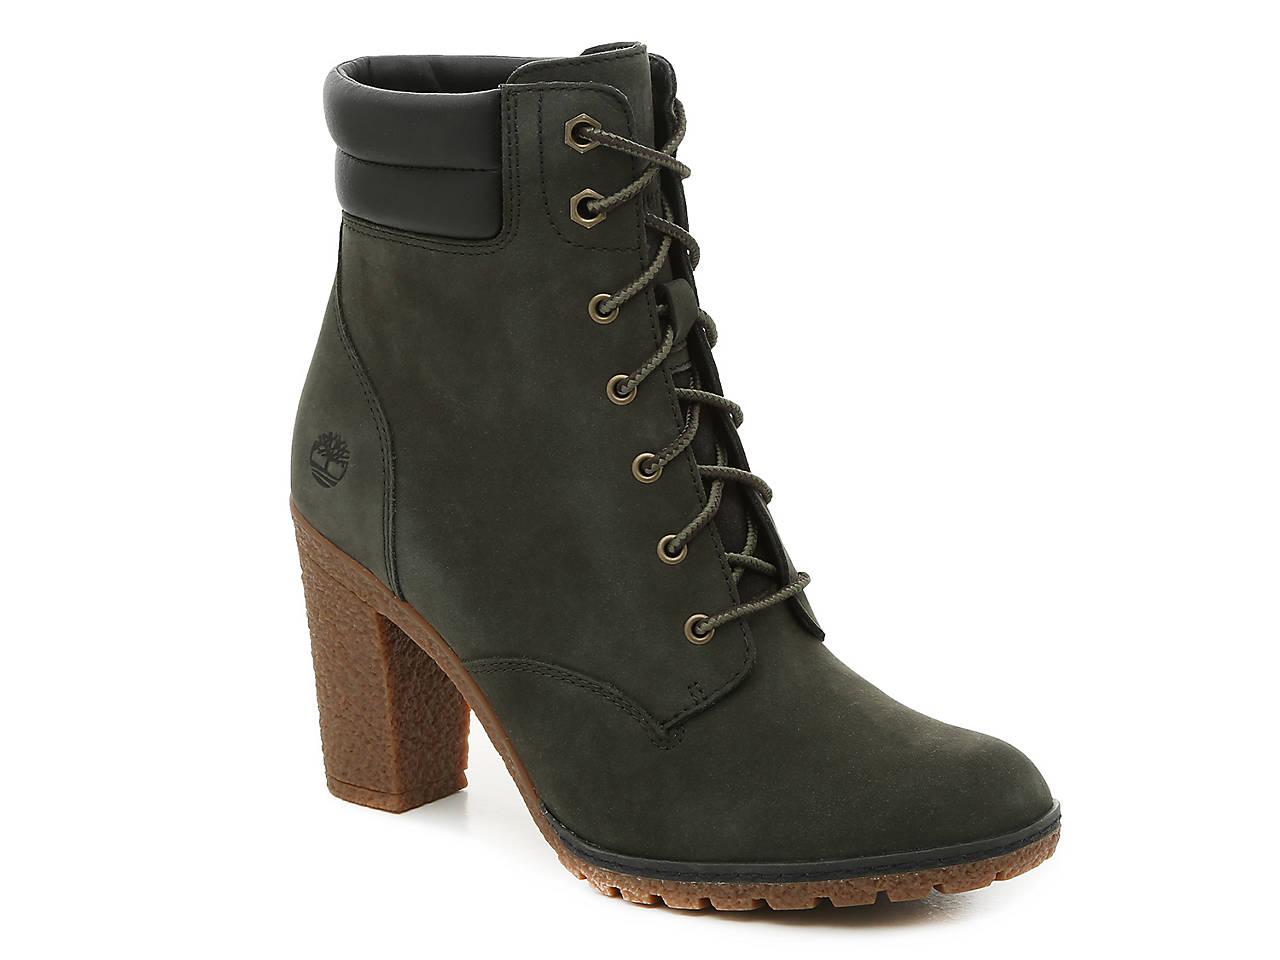 cb77c1098585 Timberland Tillston Bootie Women s Shoes